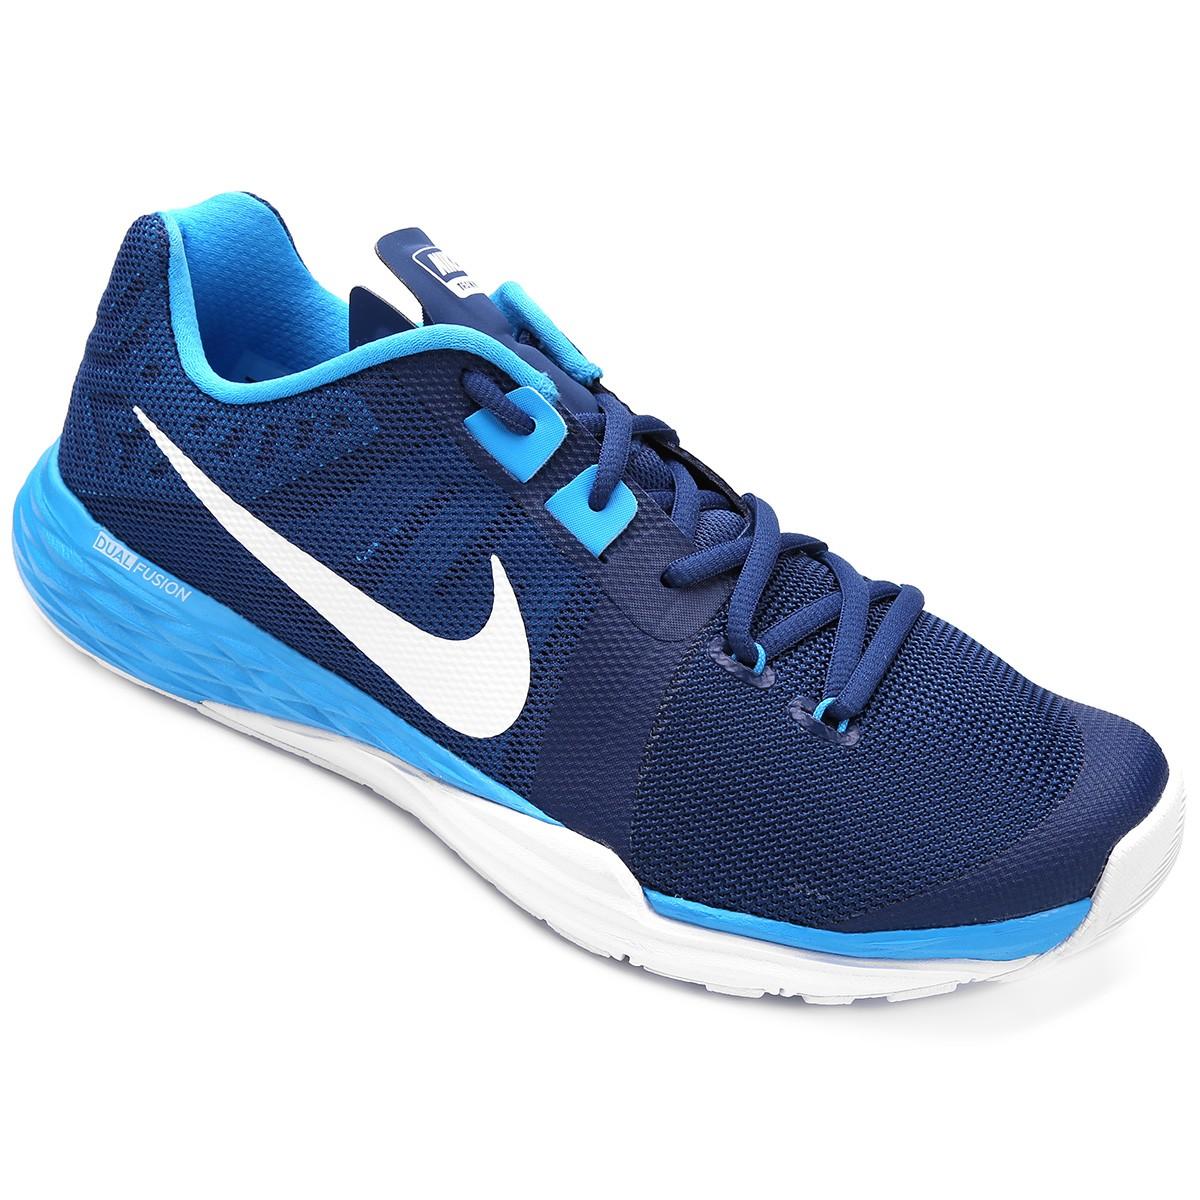 afd095d1595 Tênis Nike Train Prime Iron DF 832219-401 - Marinho Azul - Calçados ...